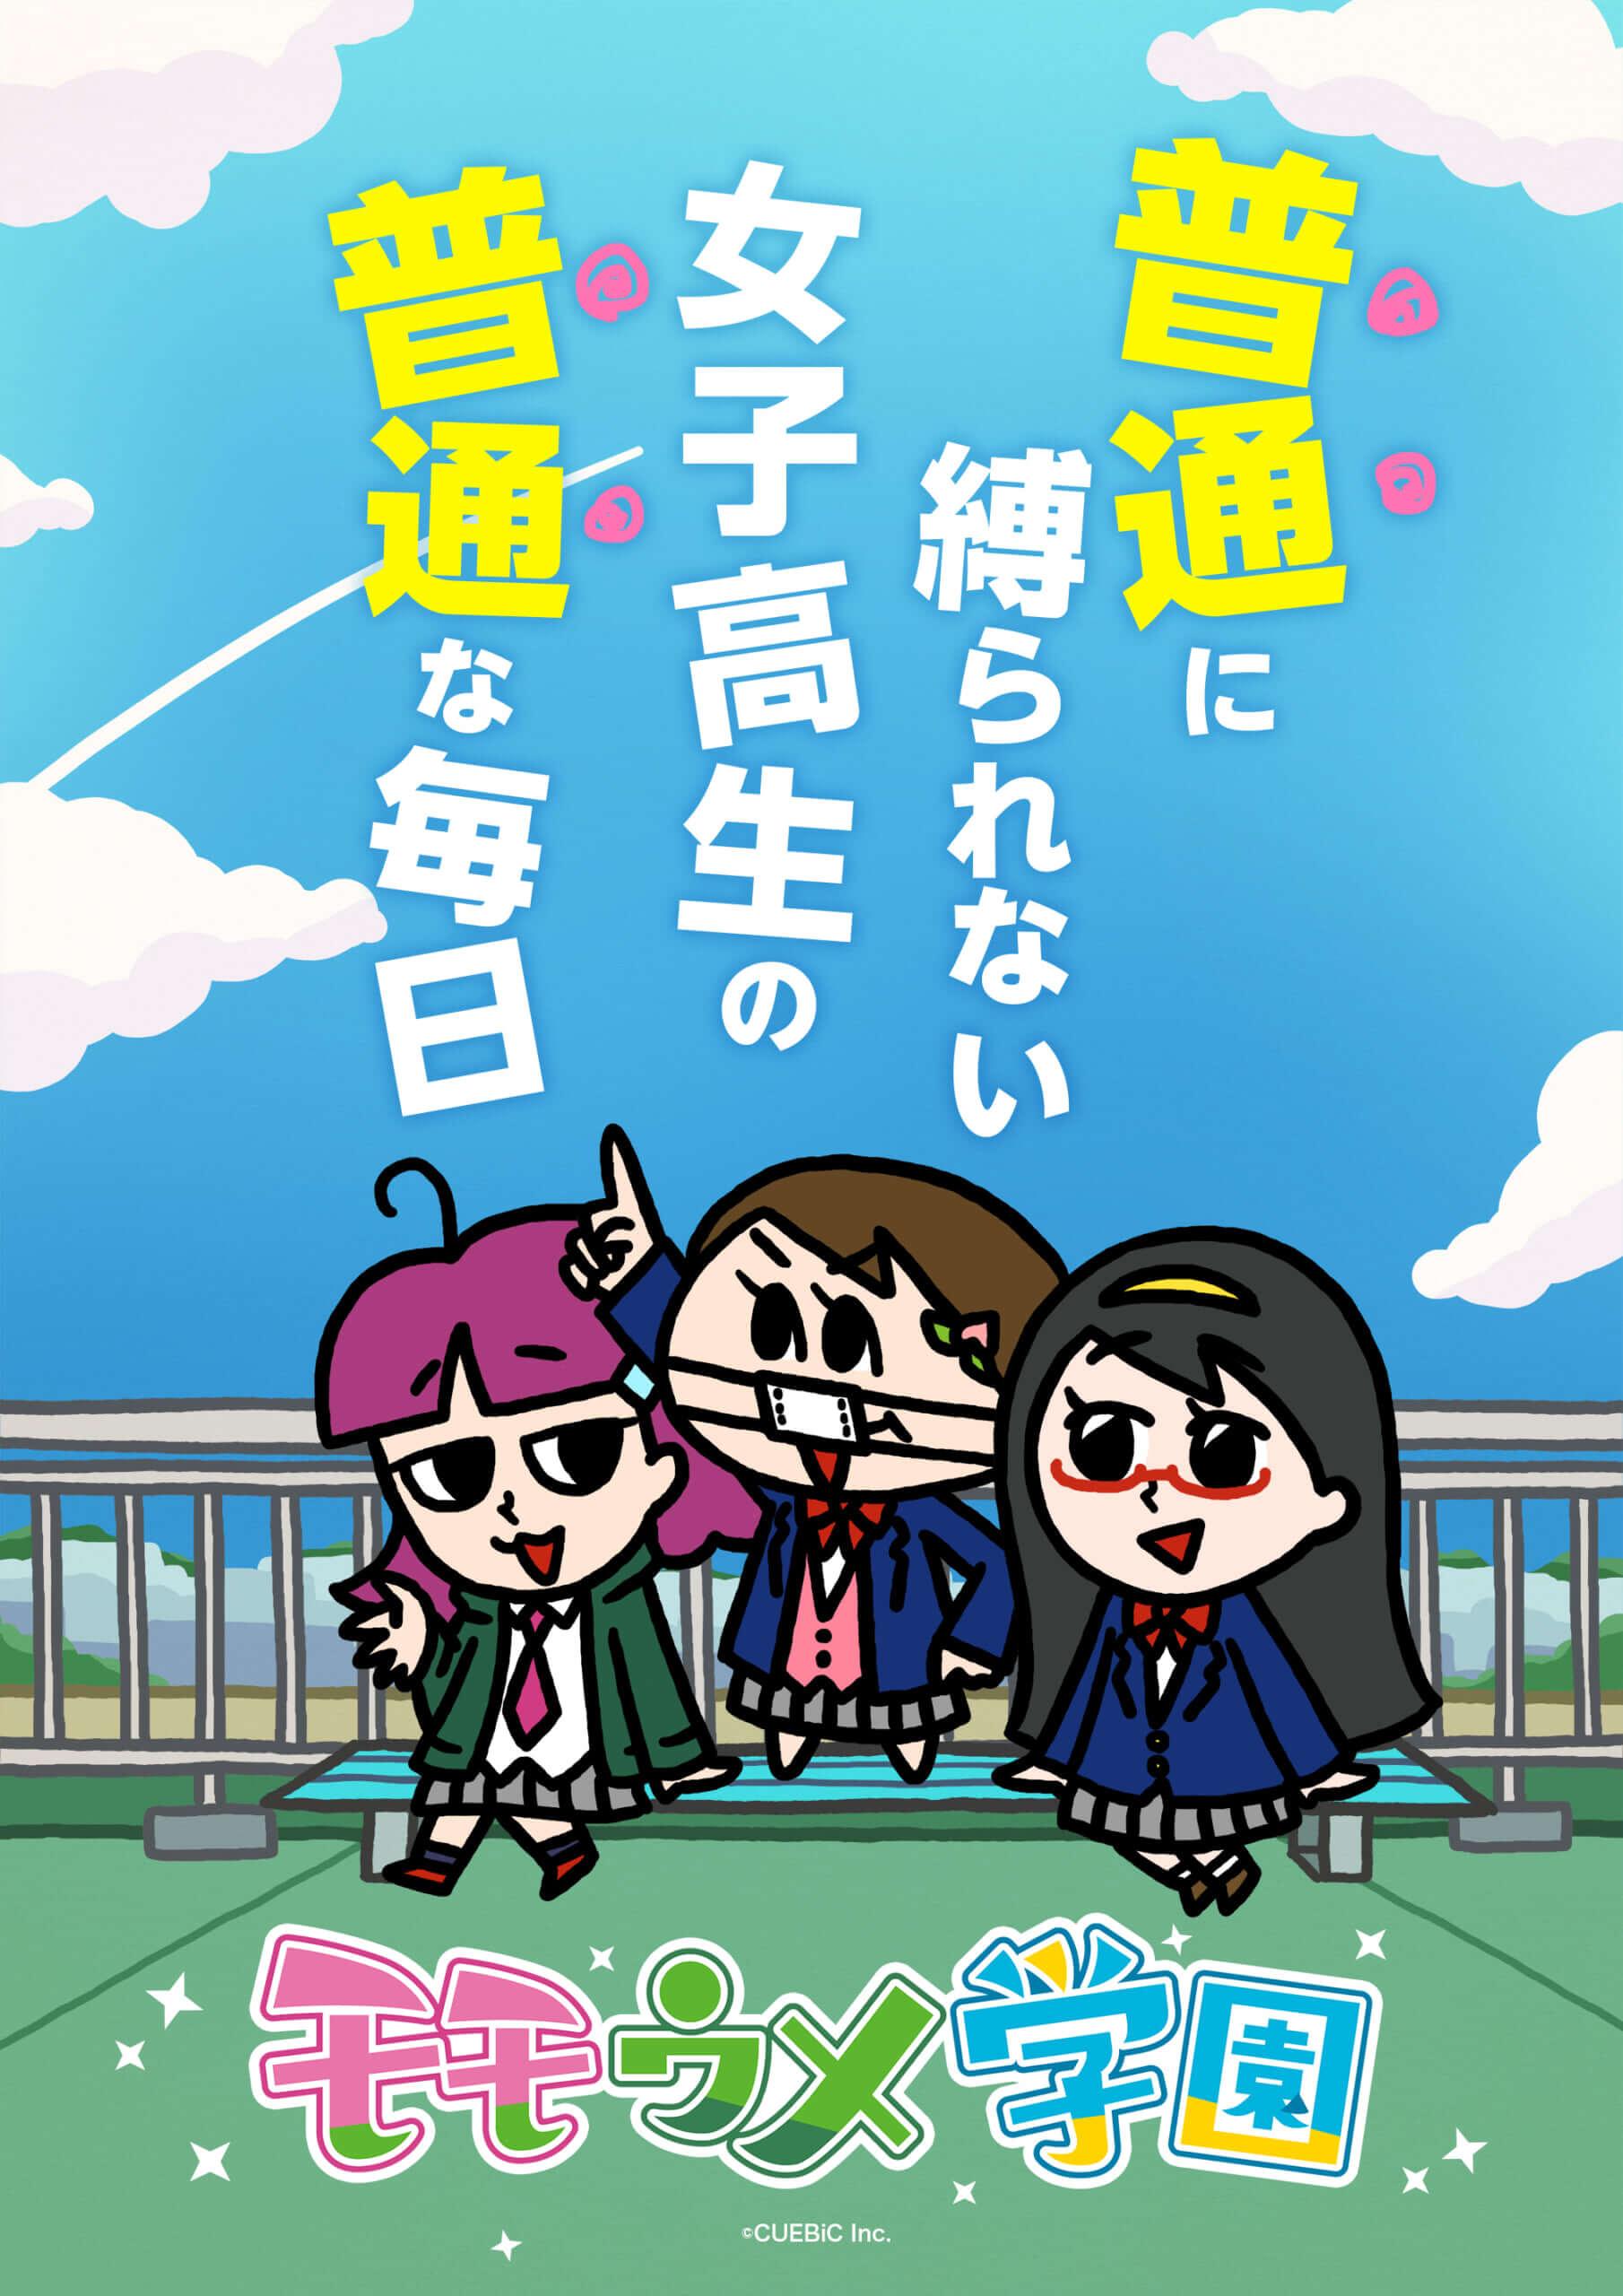 モモちゃんの学生時代を描く「モモウメ学園」がスタート 金田朋子、飯塚雅弓、美山加恋など個性溢れる声優陣が出演!